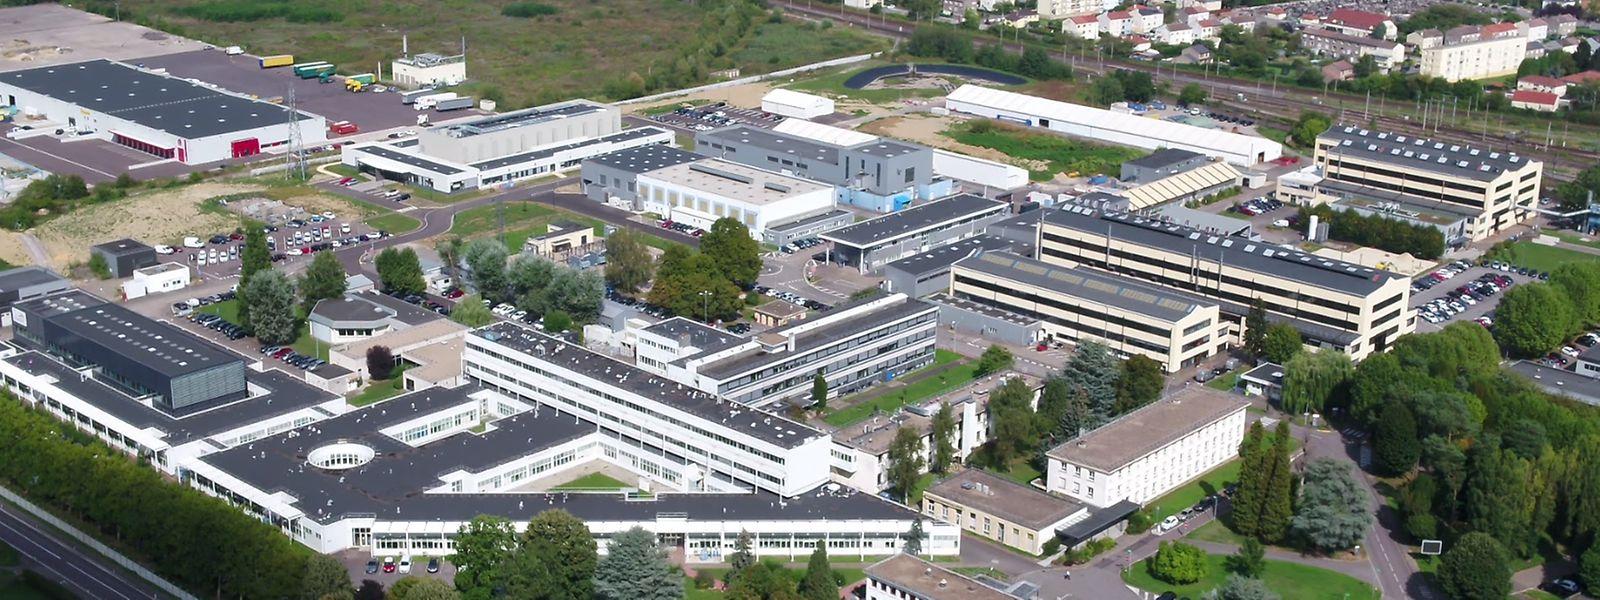 Depuis 1958, le campus n'a cessé de grandir. Aujourd'hui, les laboratoires représentent 52.000 m2 sur 24 hectares.